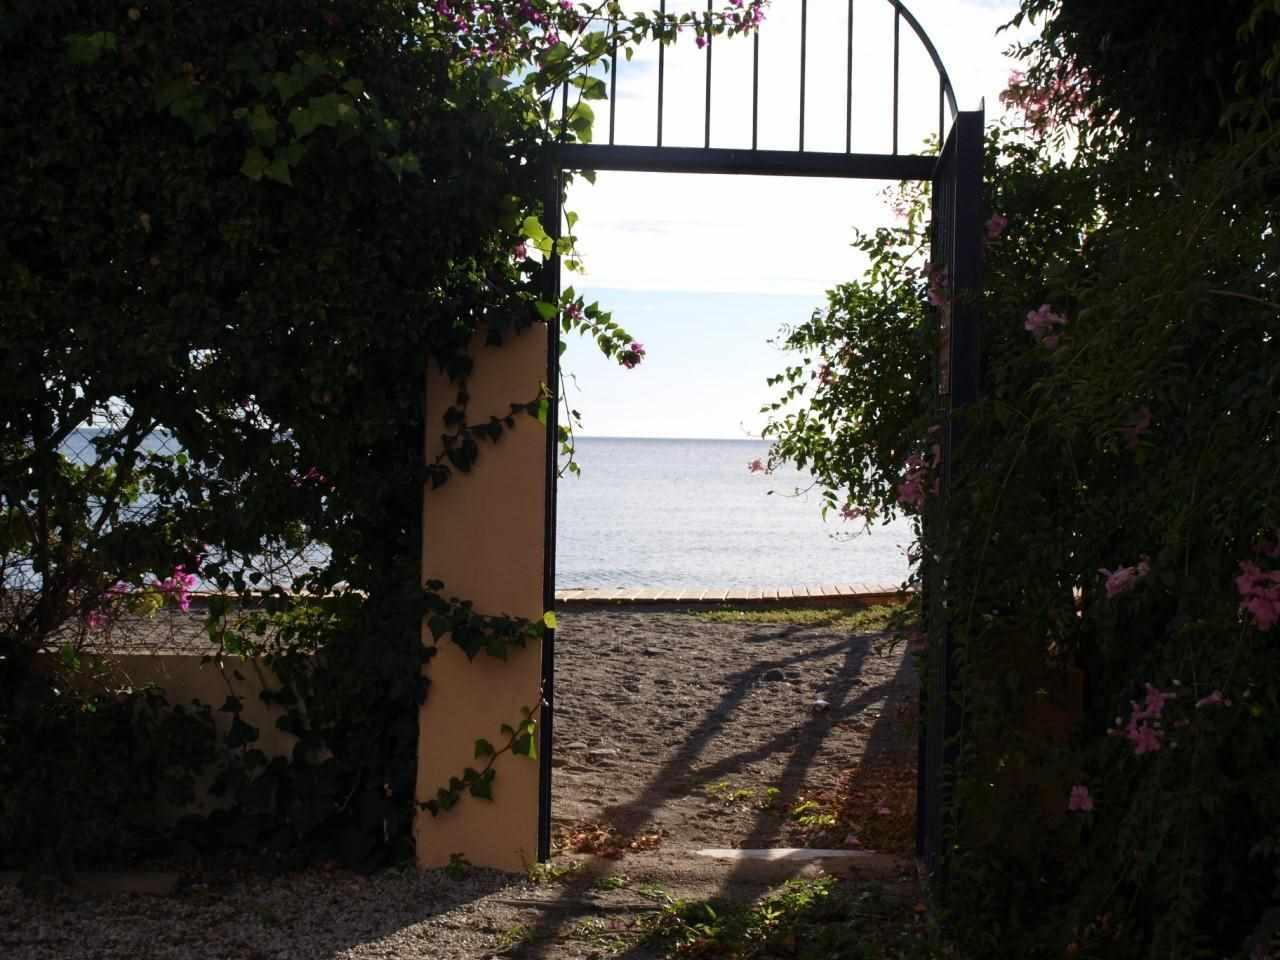 Habitaciones en alquiler El Morche, Málaga